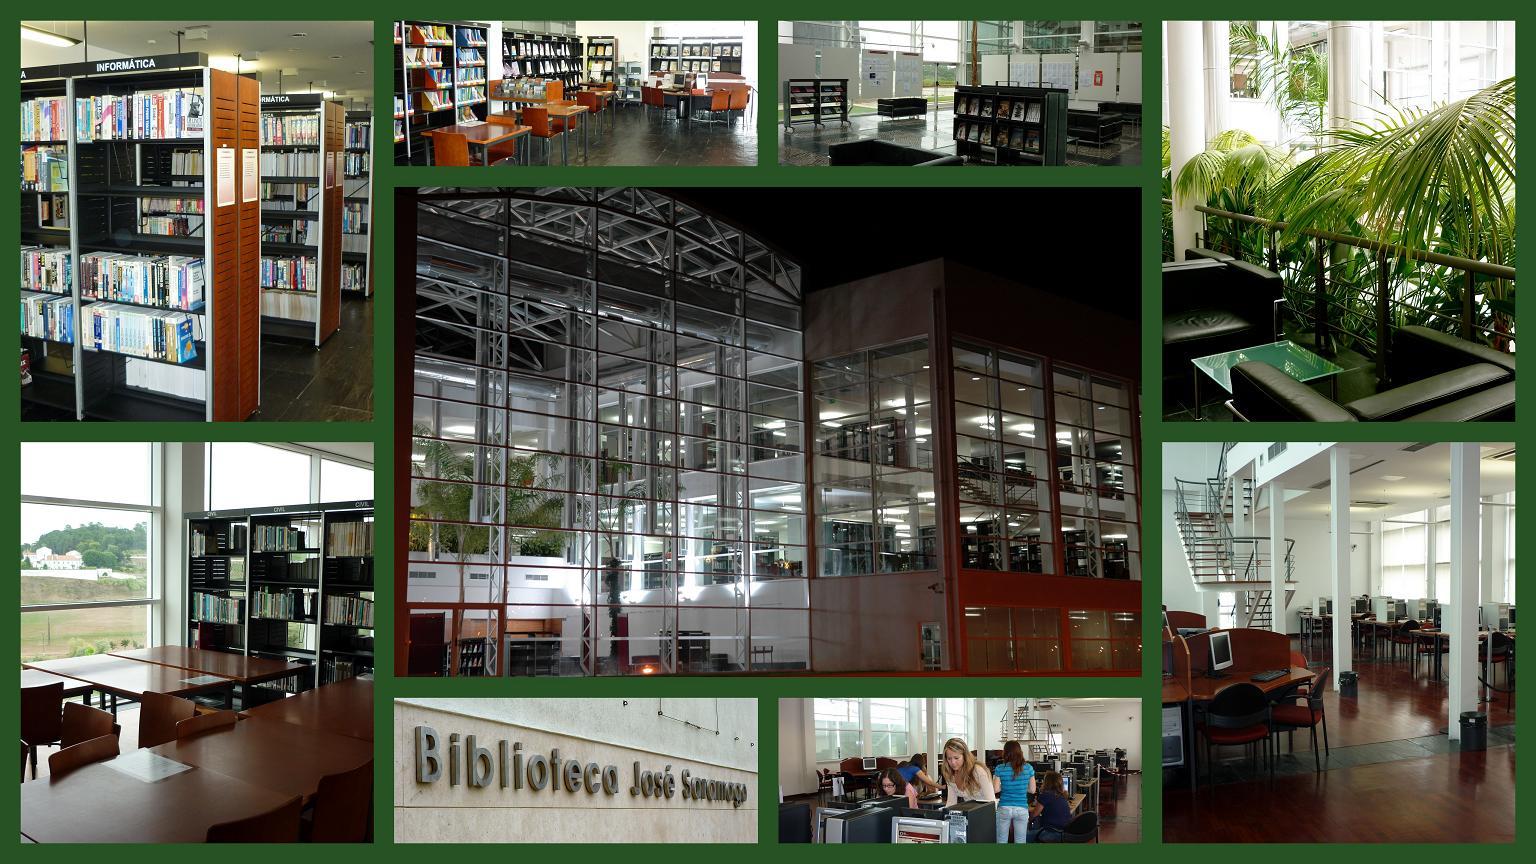 Biblioteca jos saramago do campus 2 estg esslei for Politecnico biblioteca